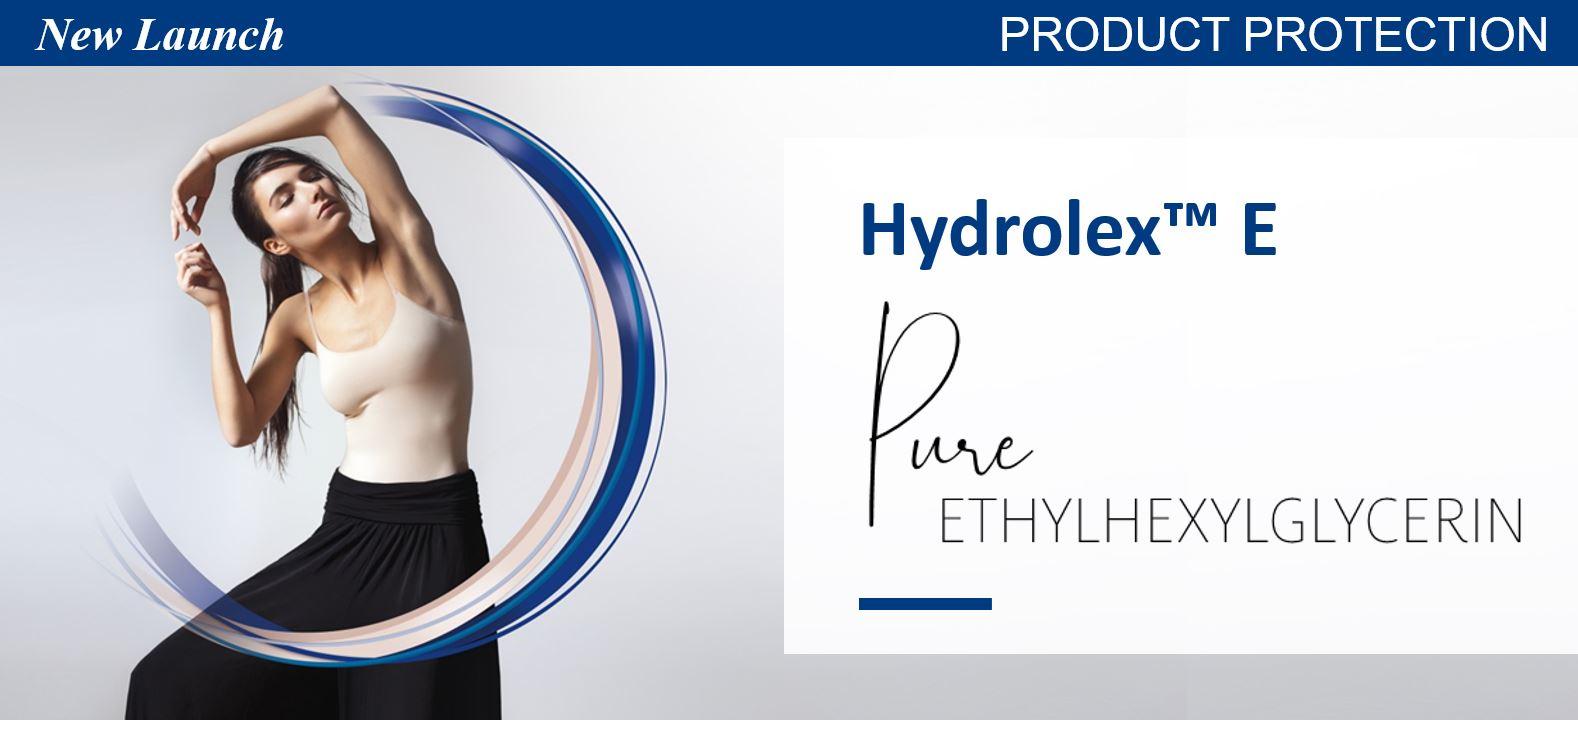 Hydrolex™ E